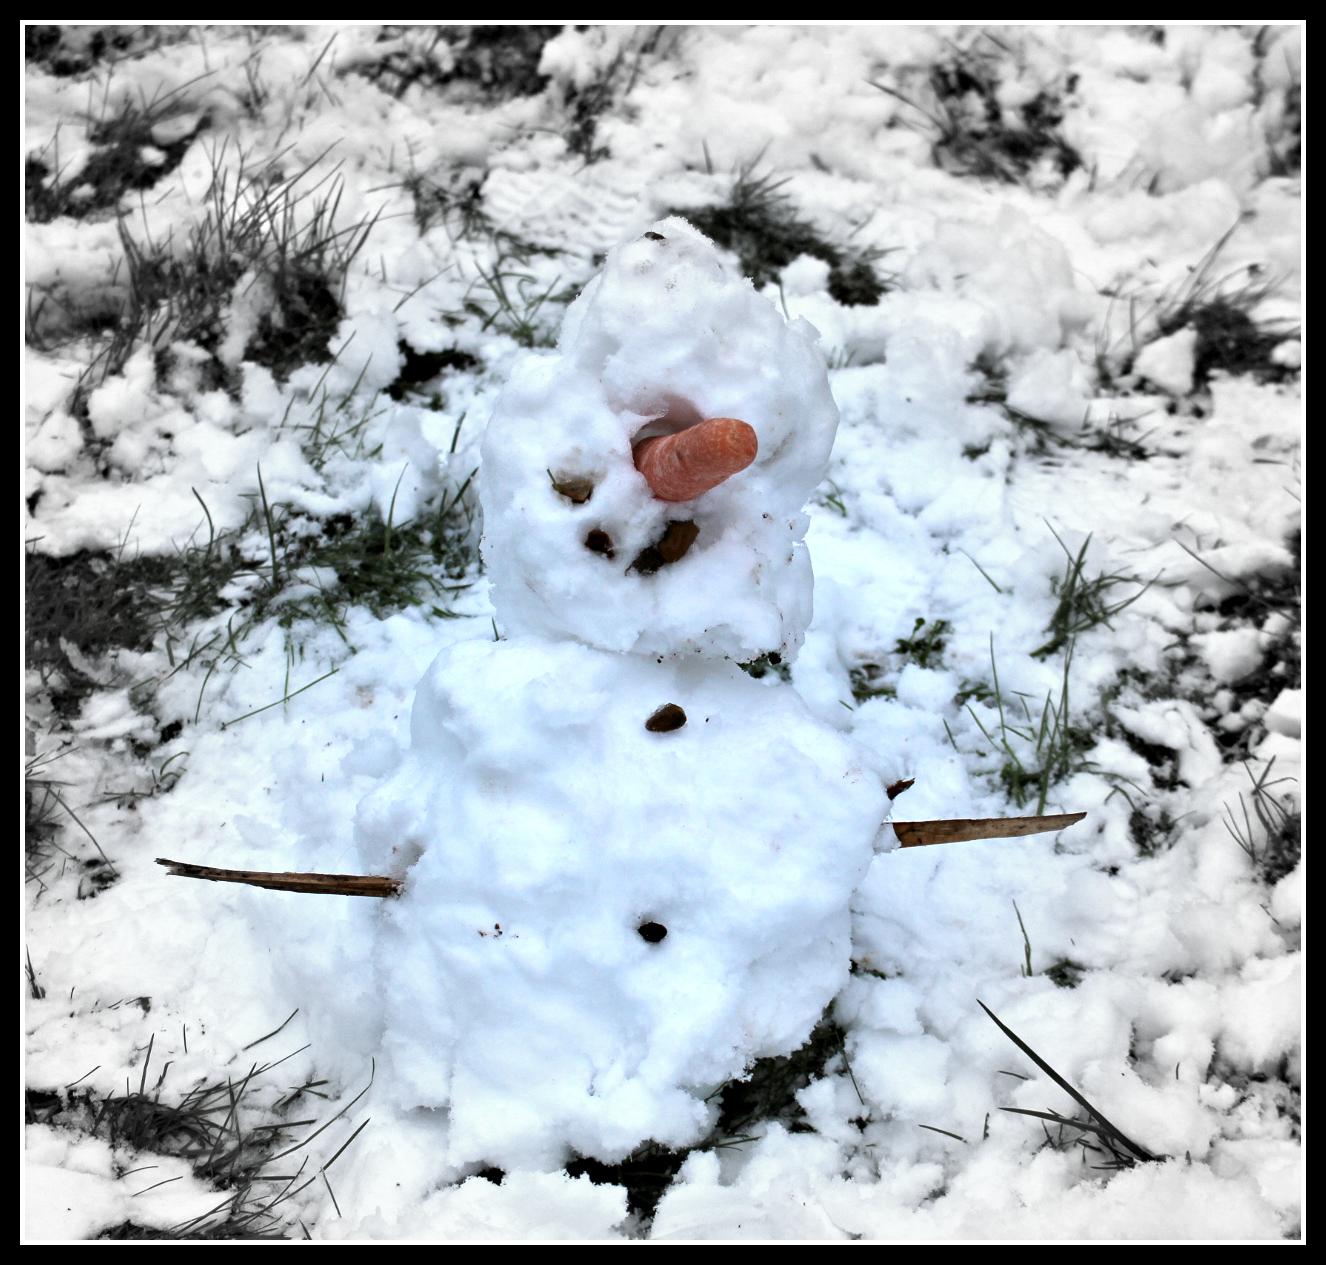 snow, snowman, weather, child, children